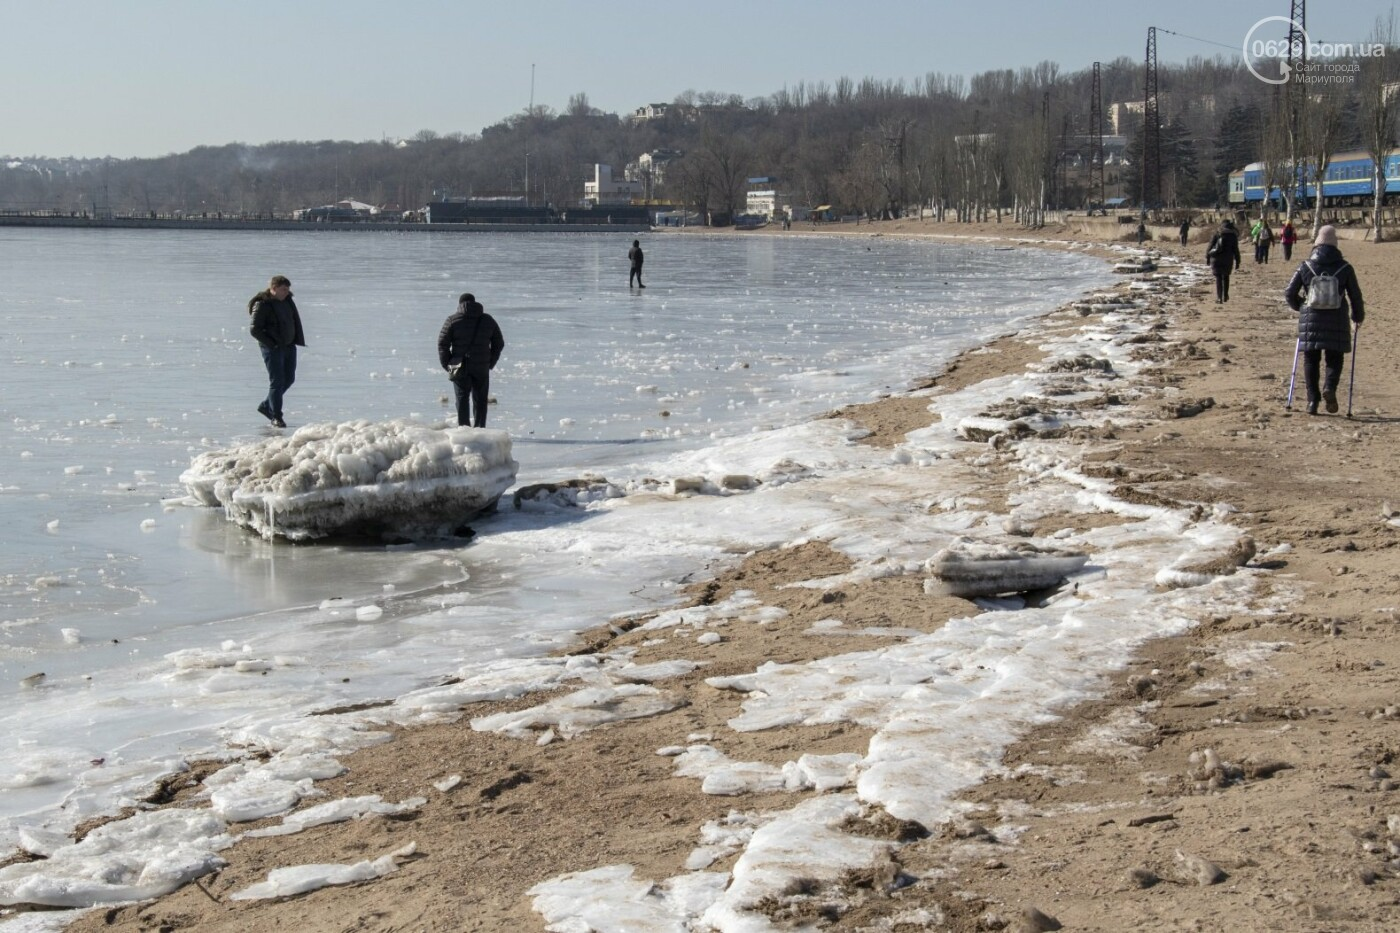 Встать в центр моря и не утонуть. 20 фотографий зимнего Азова в Мариуполе, - ФОТОРЕПОРТАЖ, фото-15